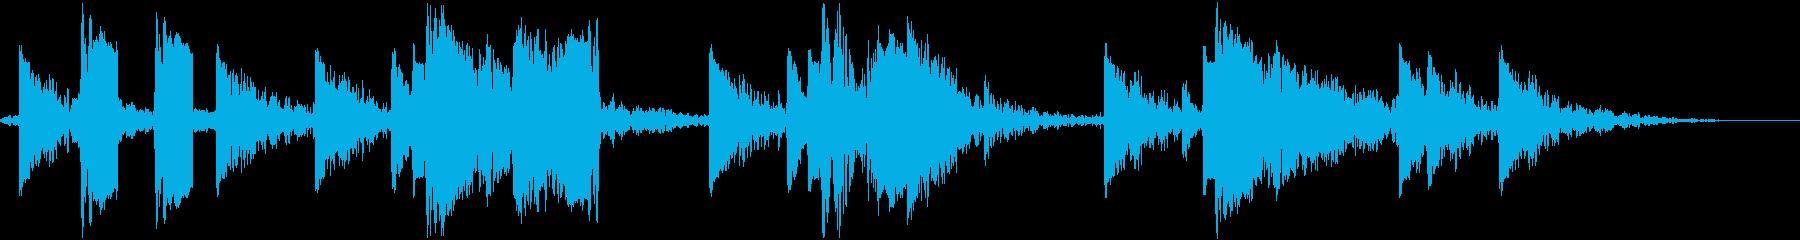 DJ効果音 かっこいいだろこれ!の再生済みの波形